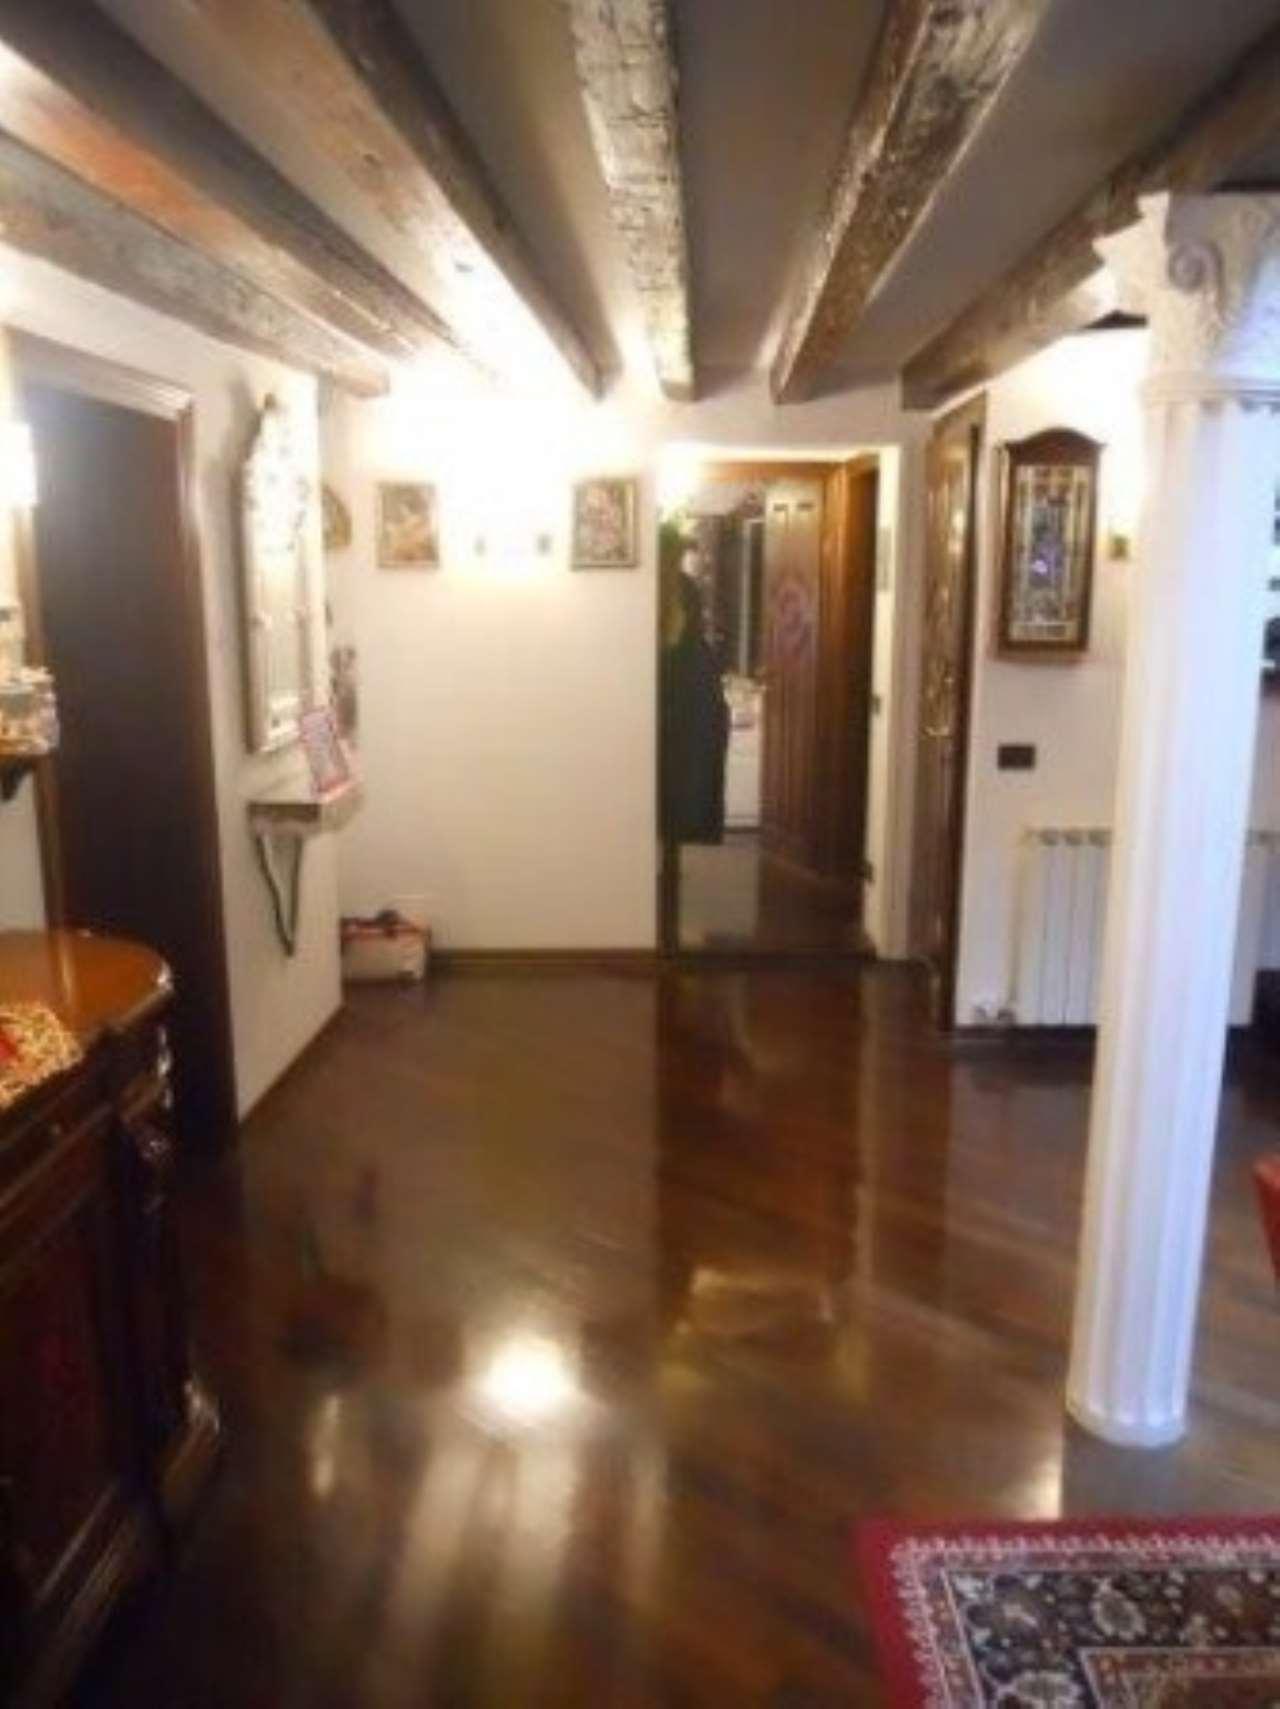 Appartamento in vendita a Venezia, 6 locali, zona Zona: 3 . Cannaregio, prezzo € 780.000 | Cambio Casa.it